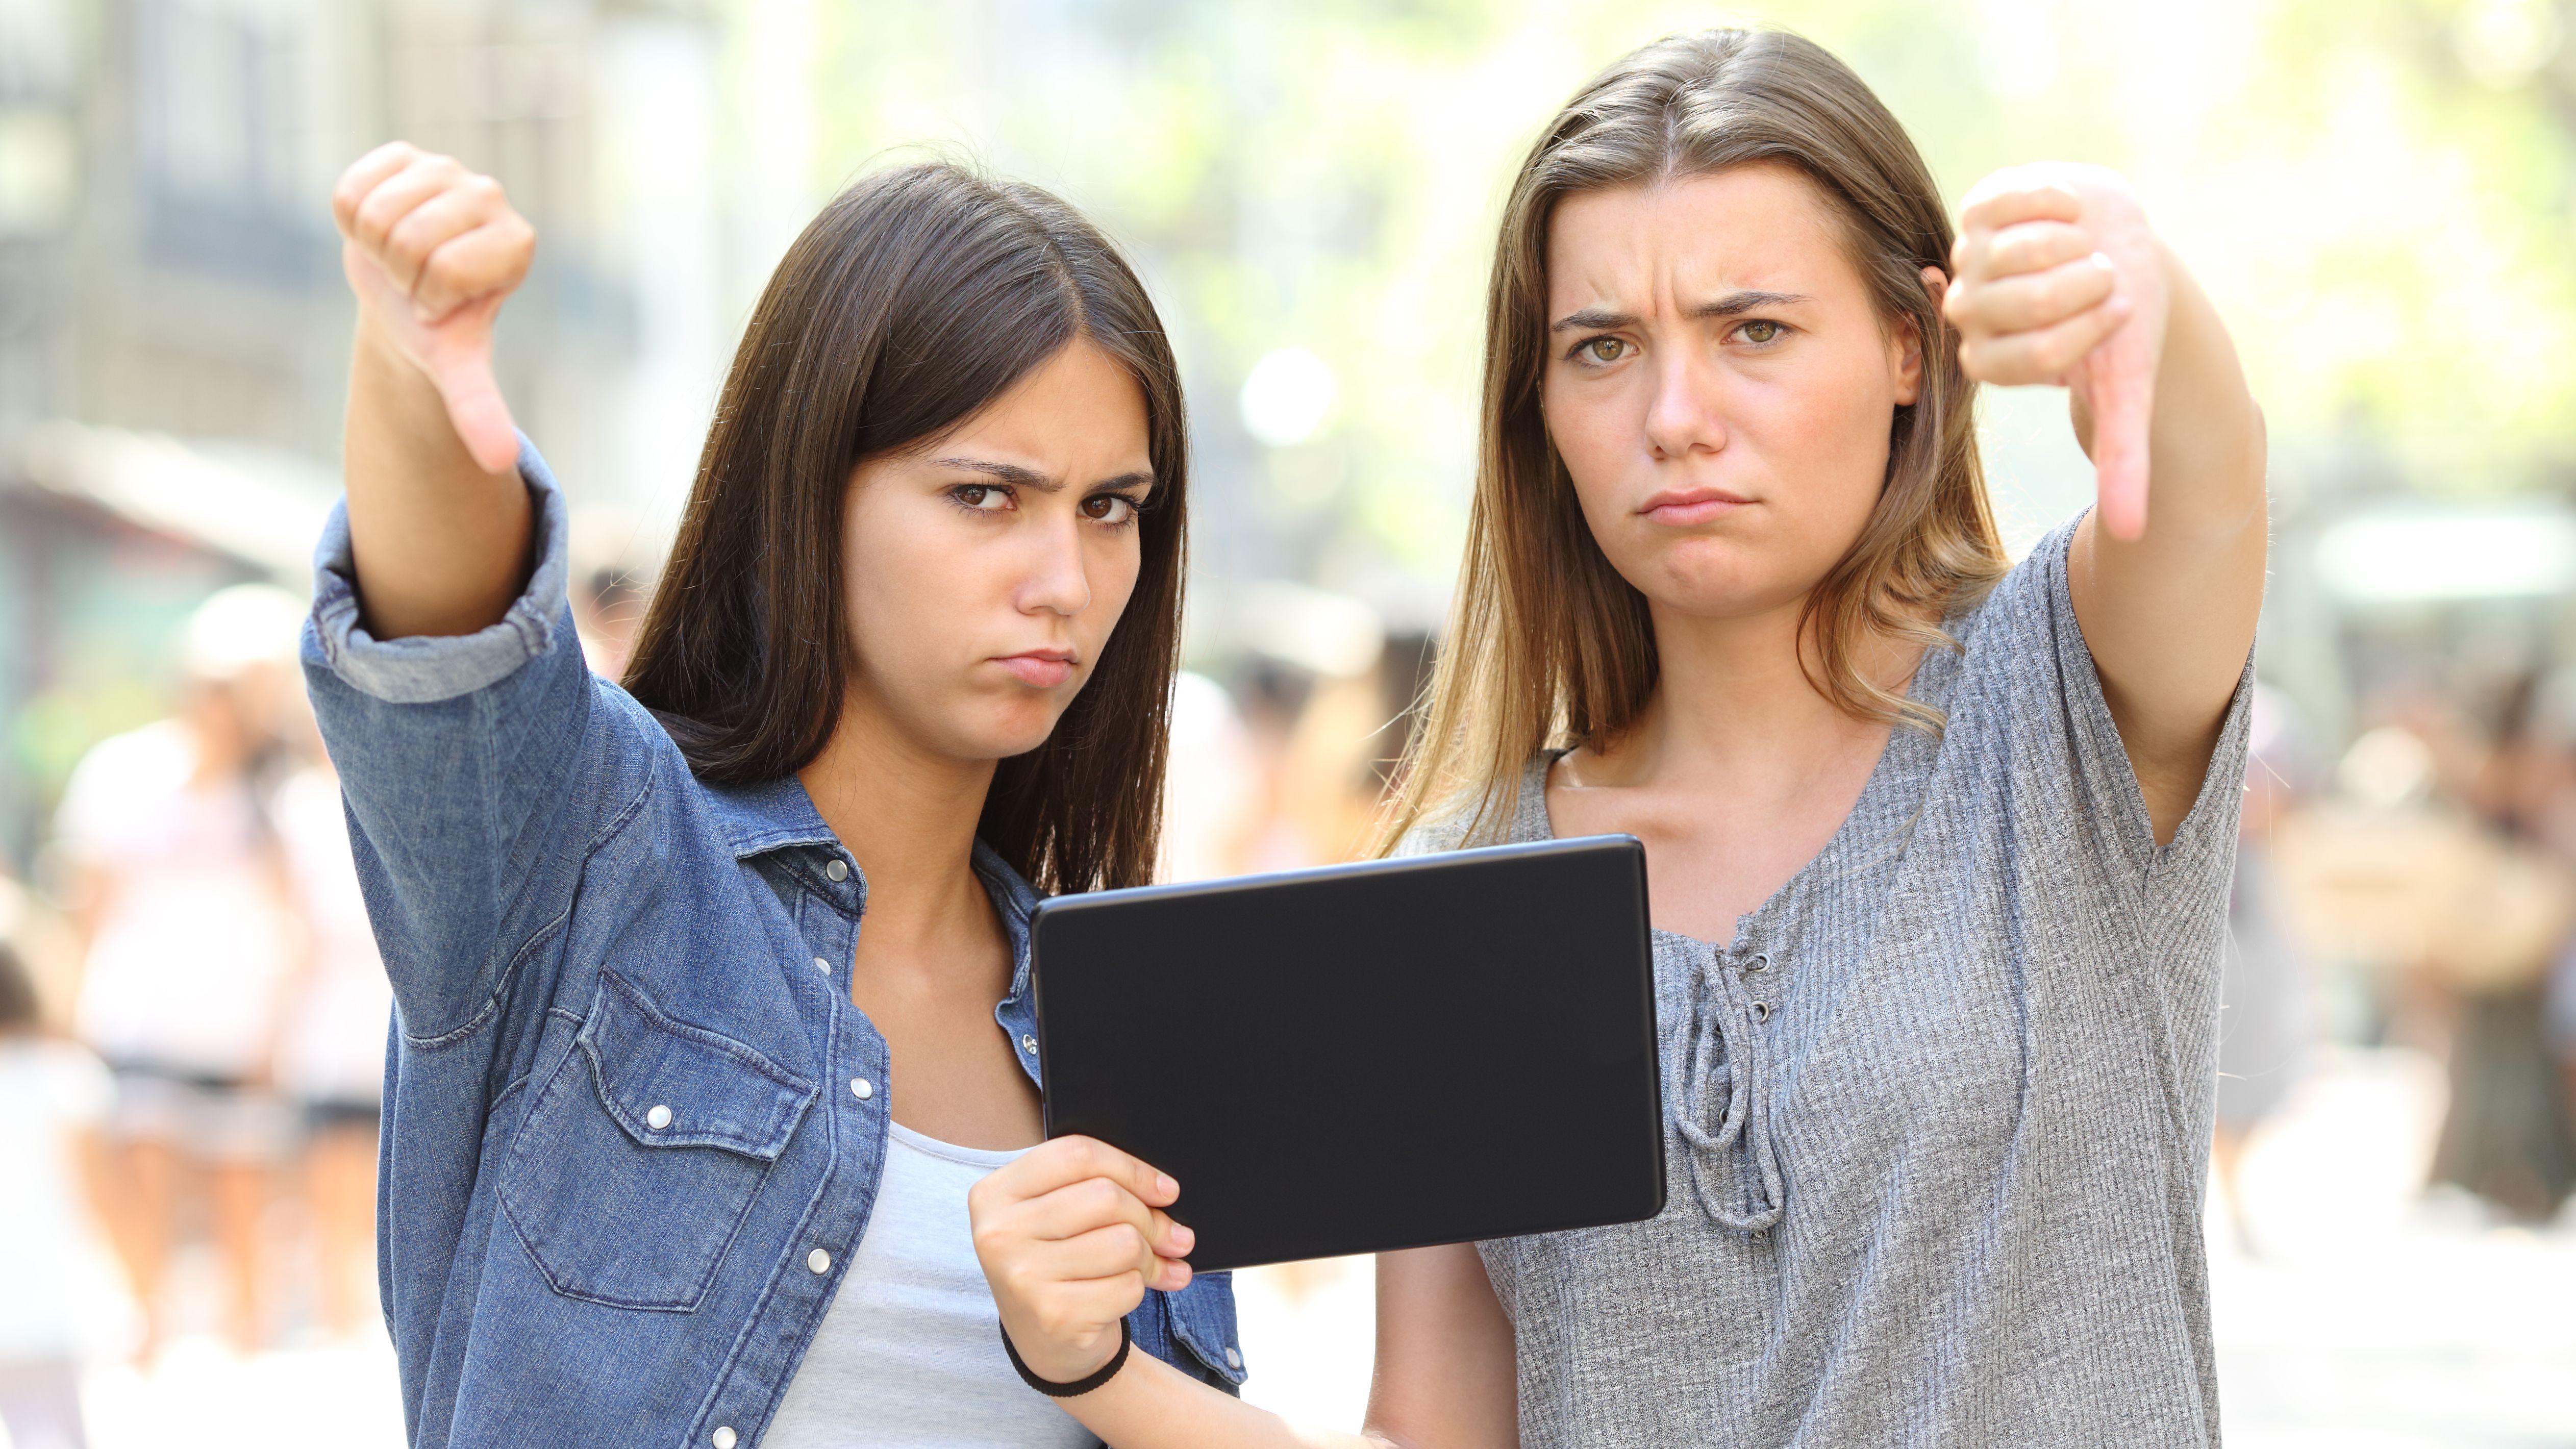 Online-Bewertungen-So-wehrt-man-sich-gegen-negative-Kommentare